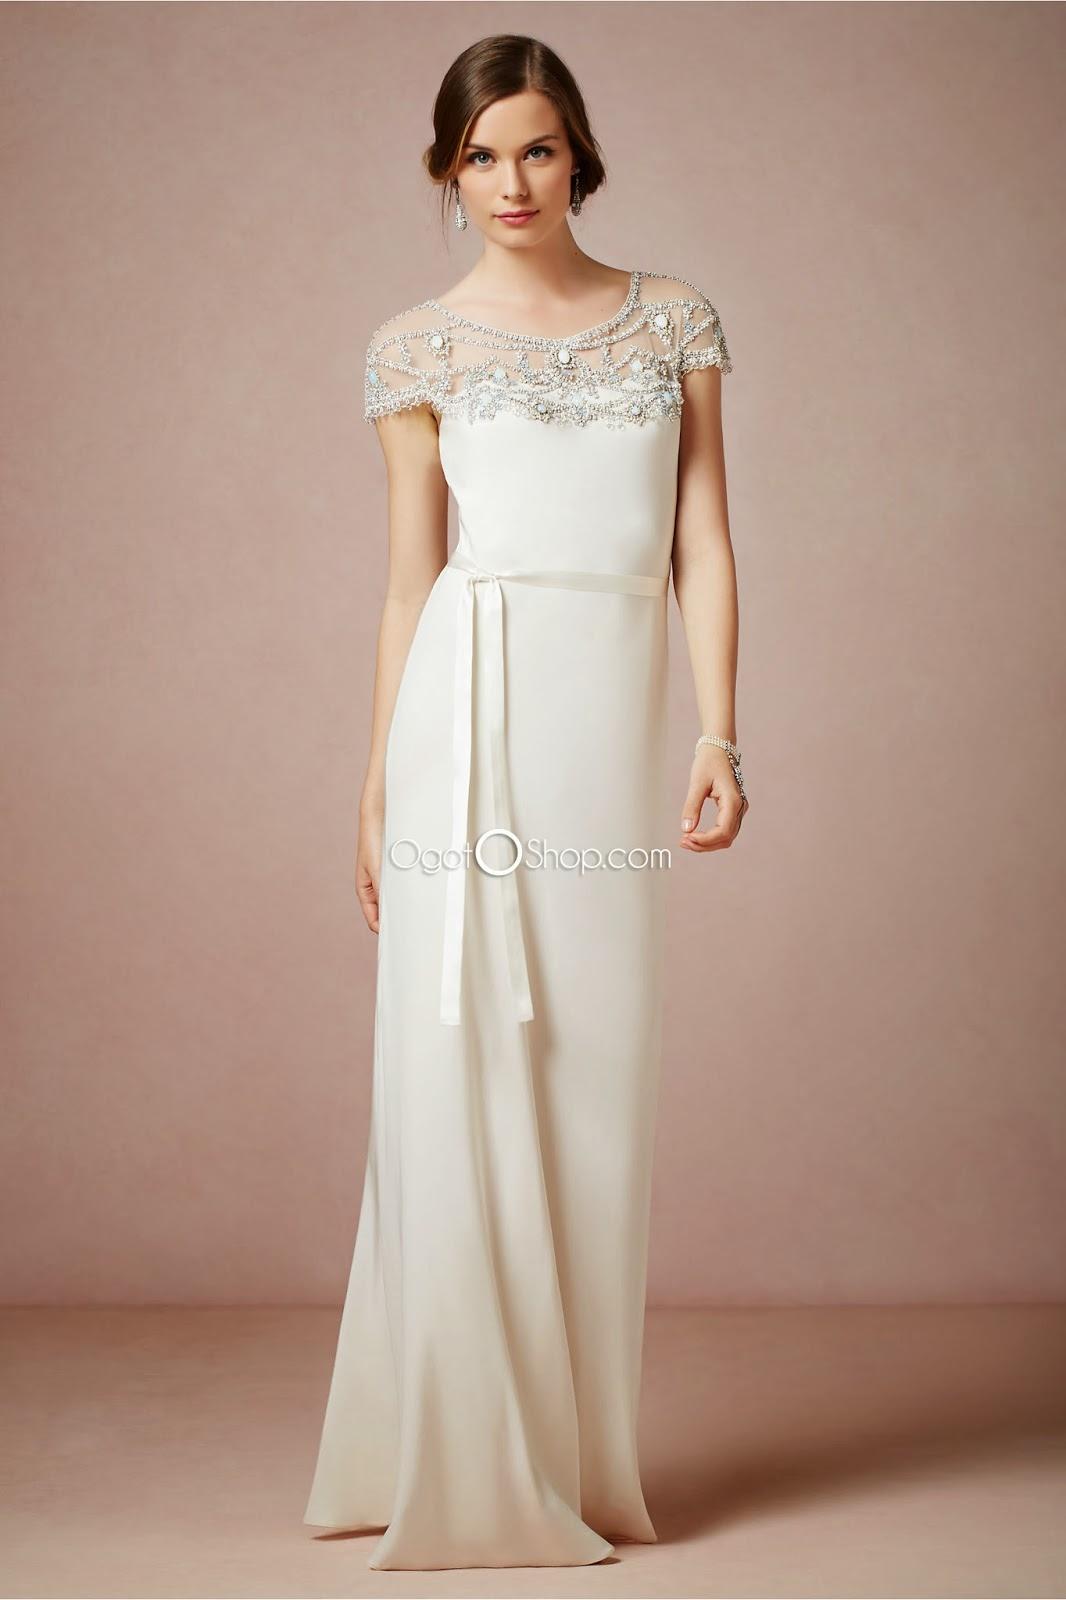 Georgette Wedding Dress 4 New Look elegant in this